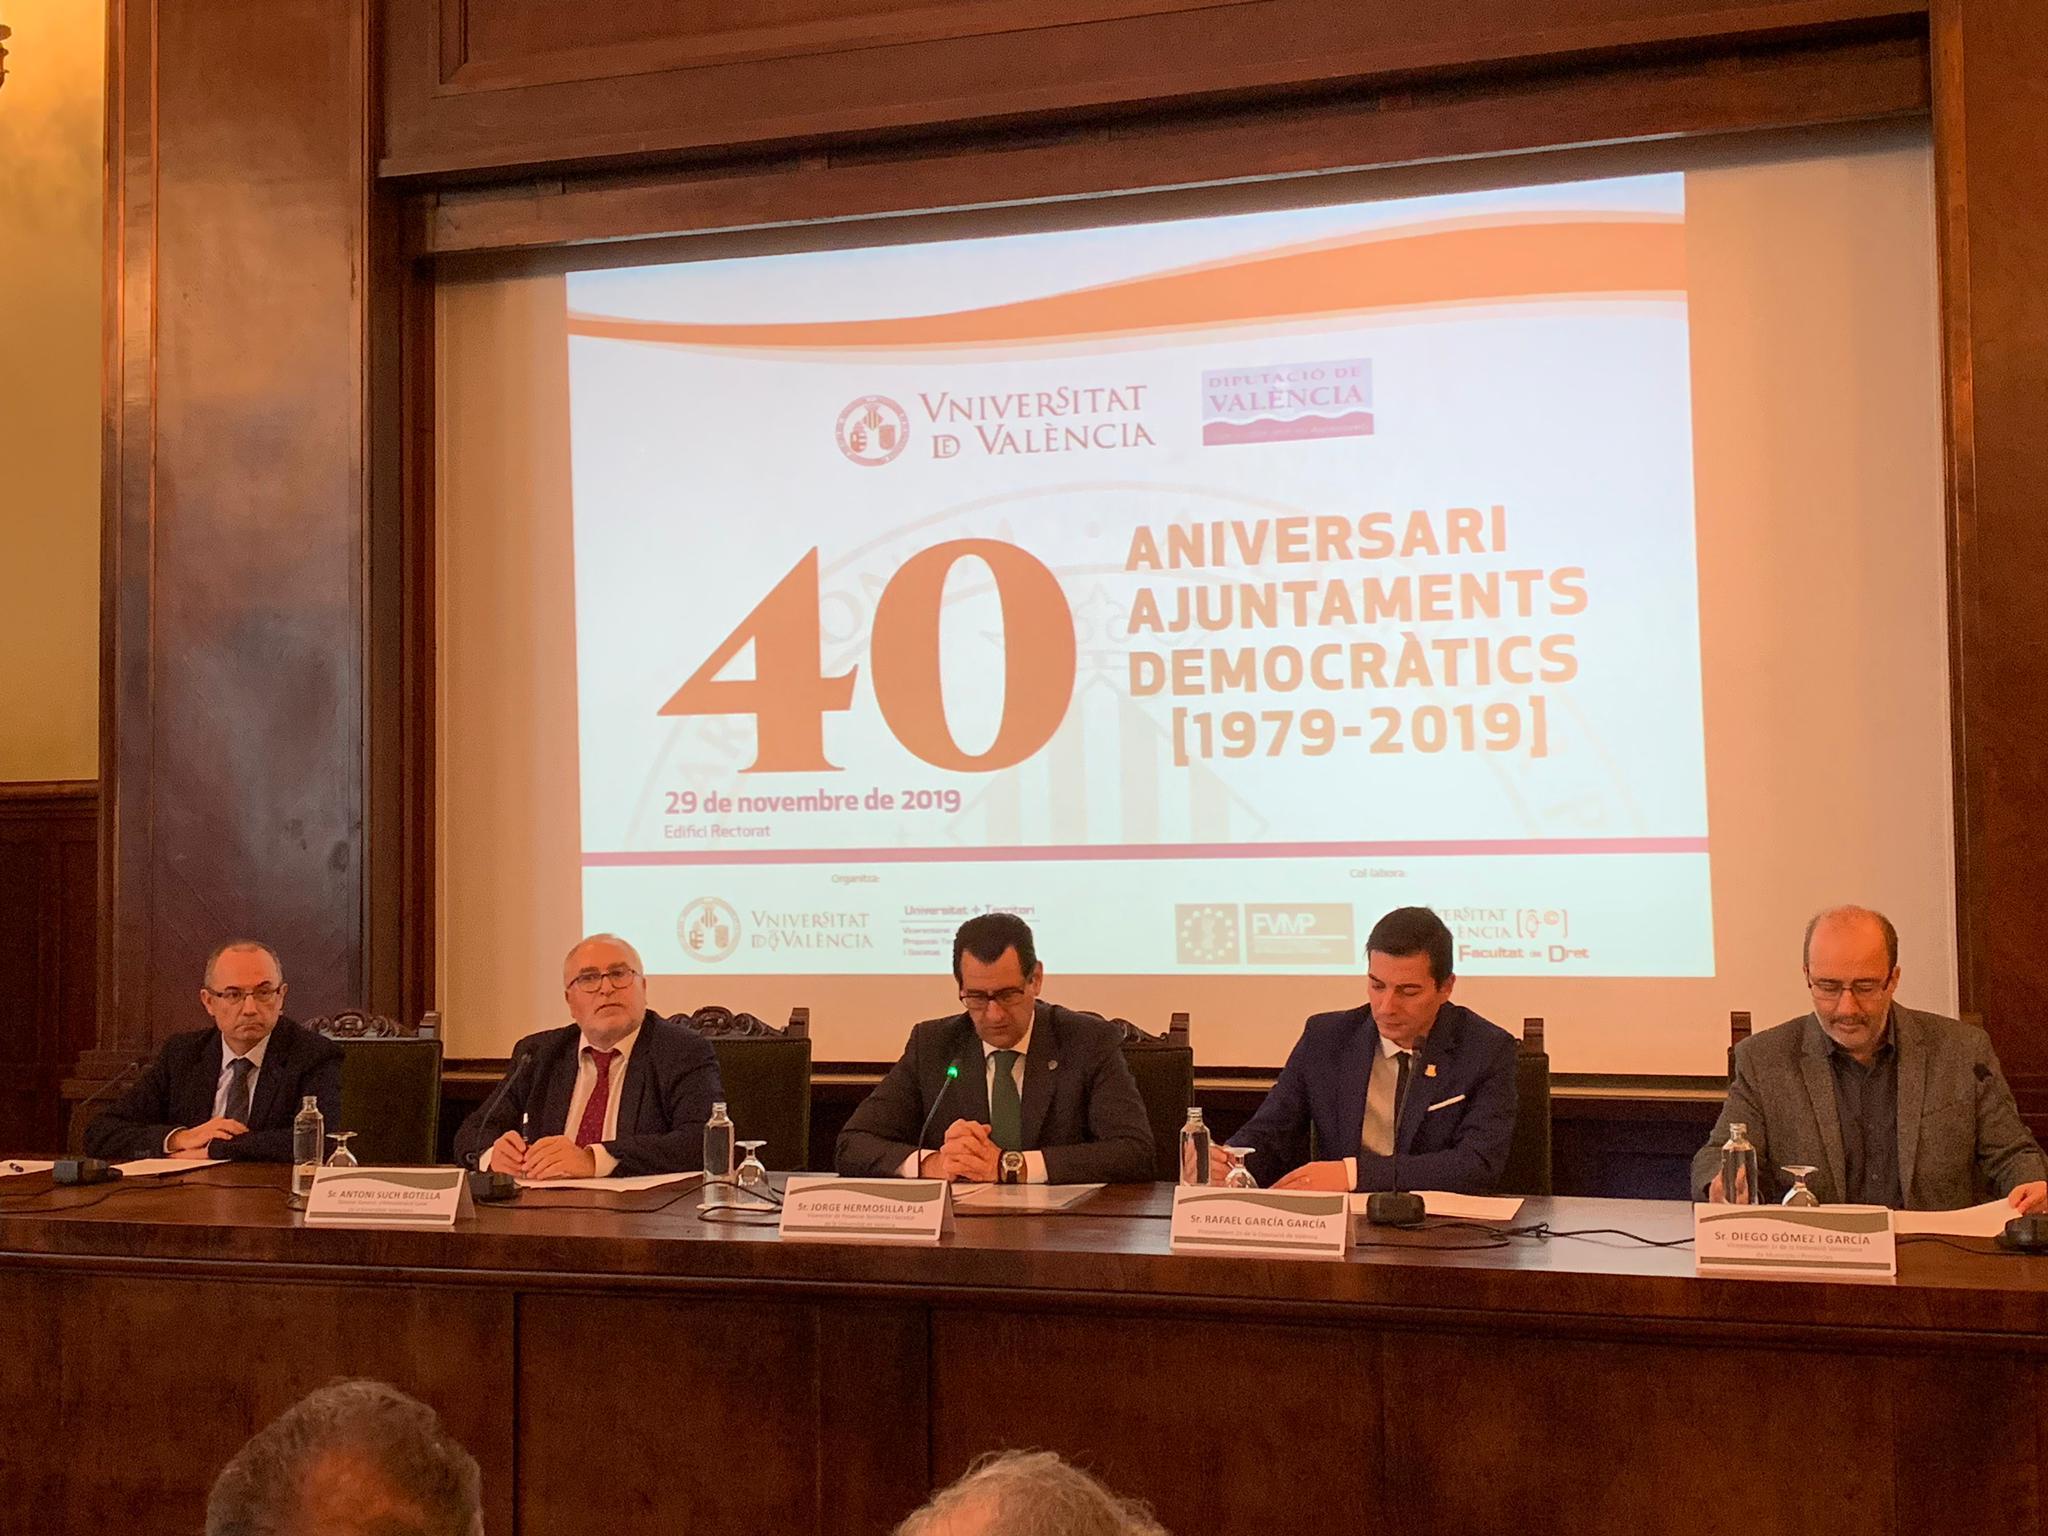 """Such participa en les jornades """"40 anys d""""ajuntaments democràtics"""" que organitza la Universitat de València"""